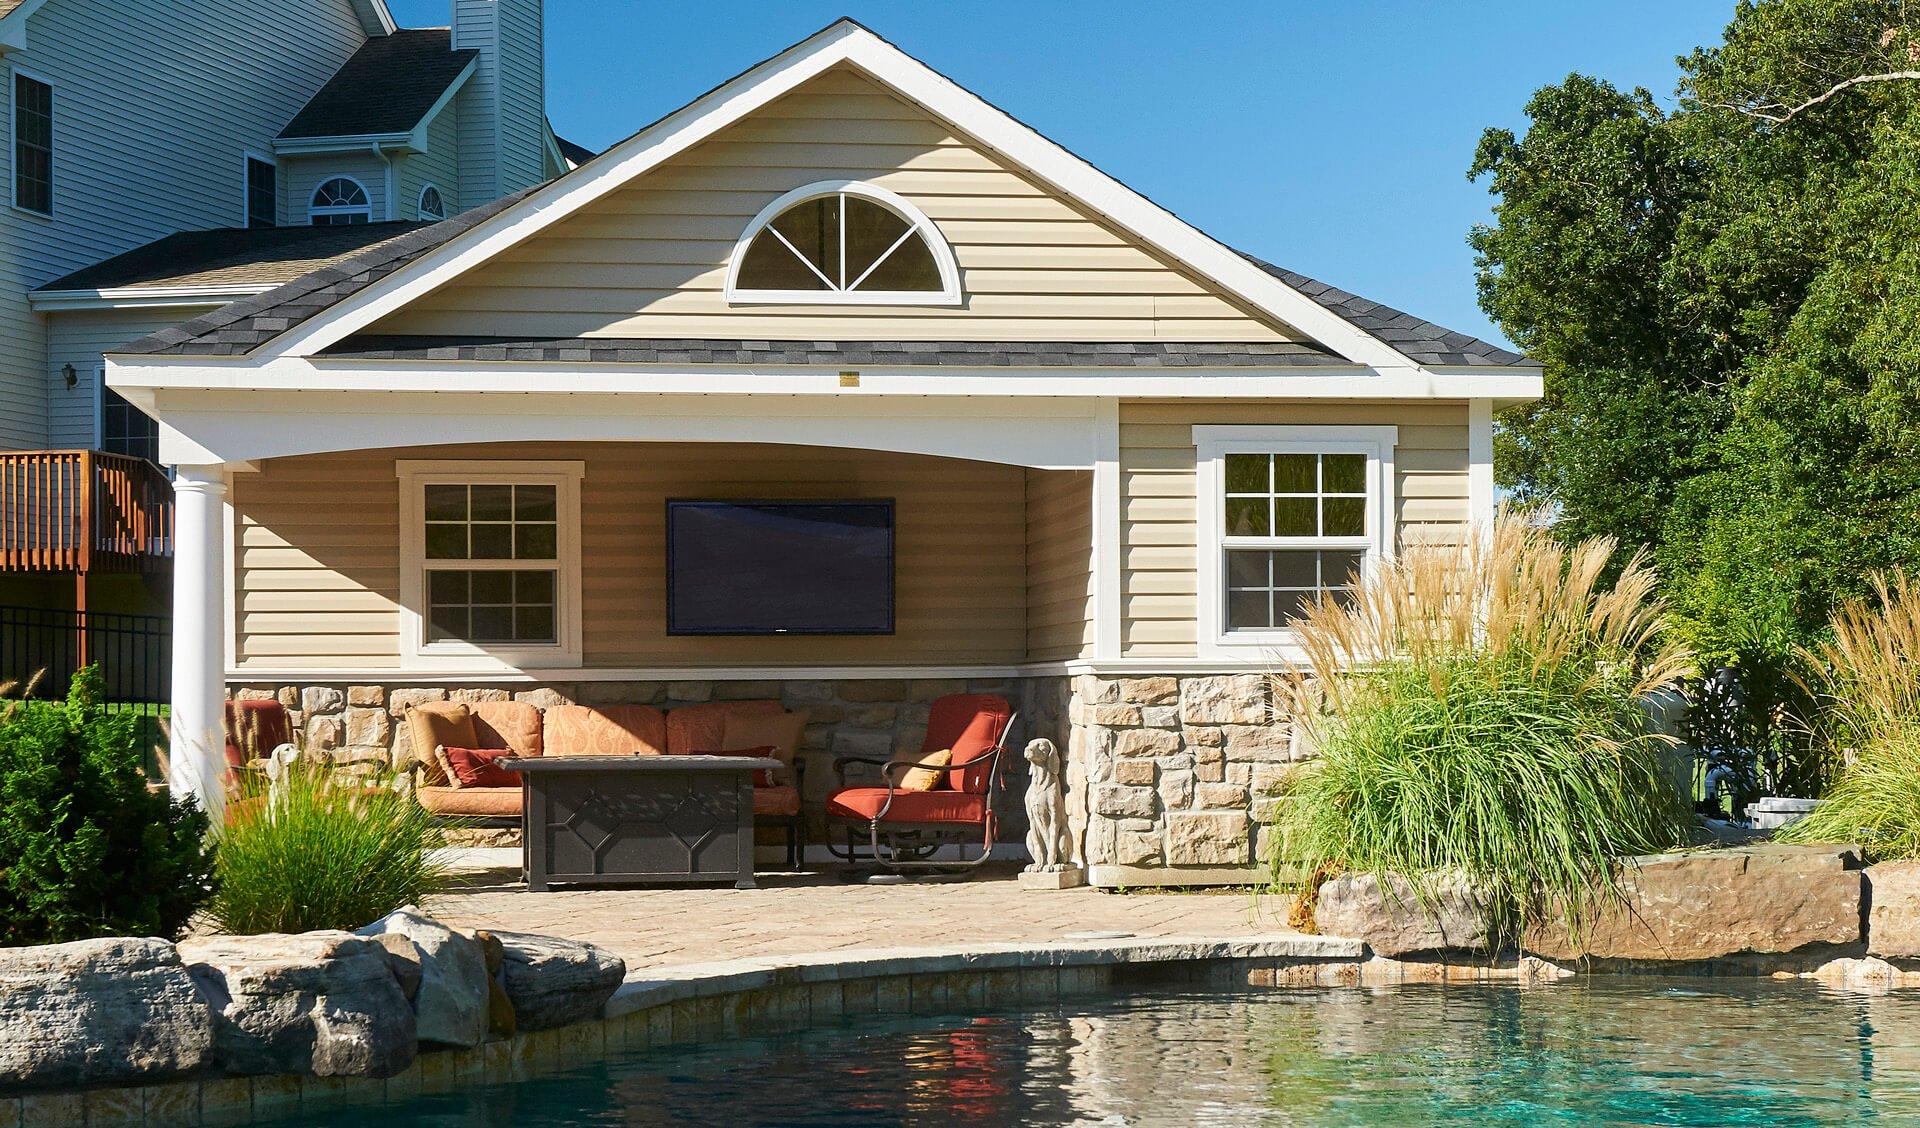 Backyard Living Renovations (Contractors Oshawa) • Zwicker on Backyard Renovation Companies id=73088